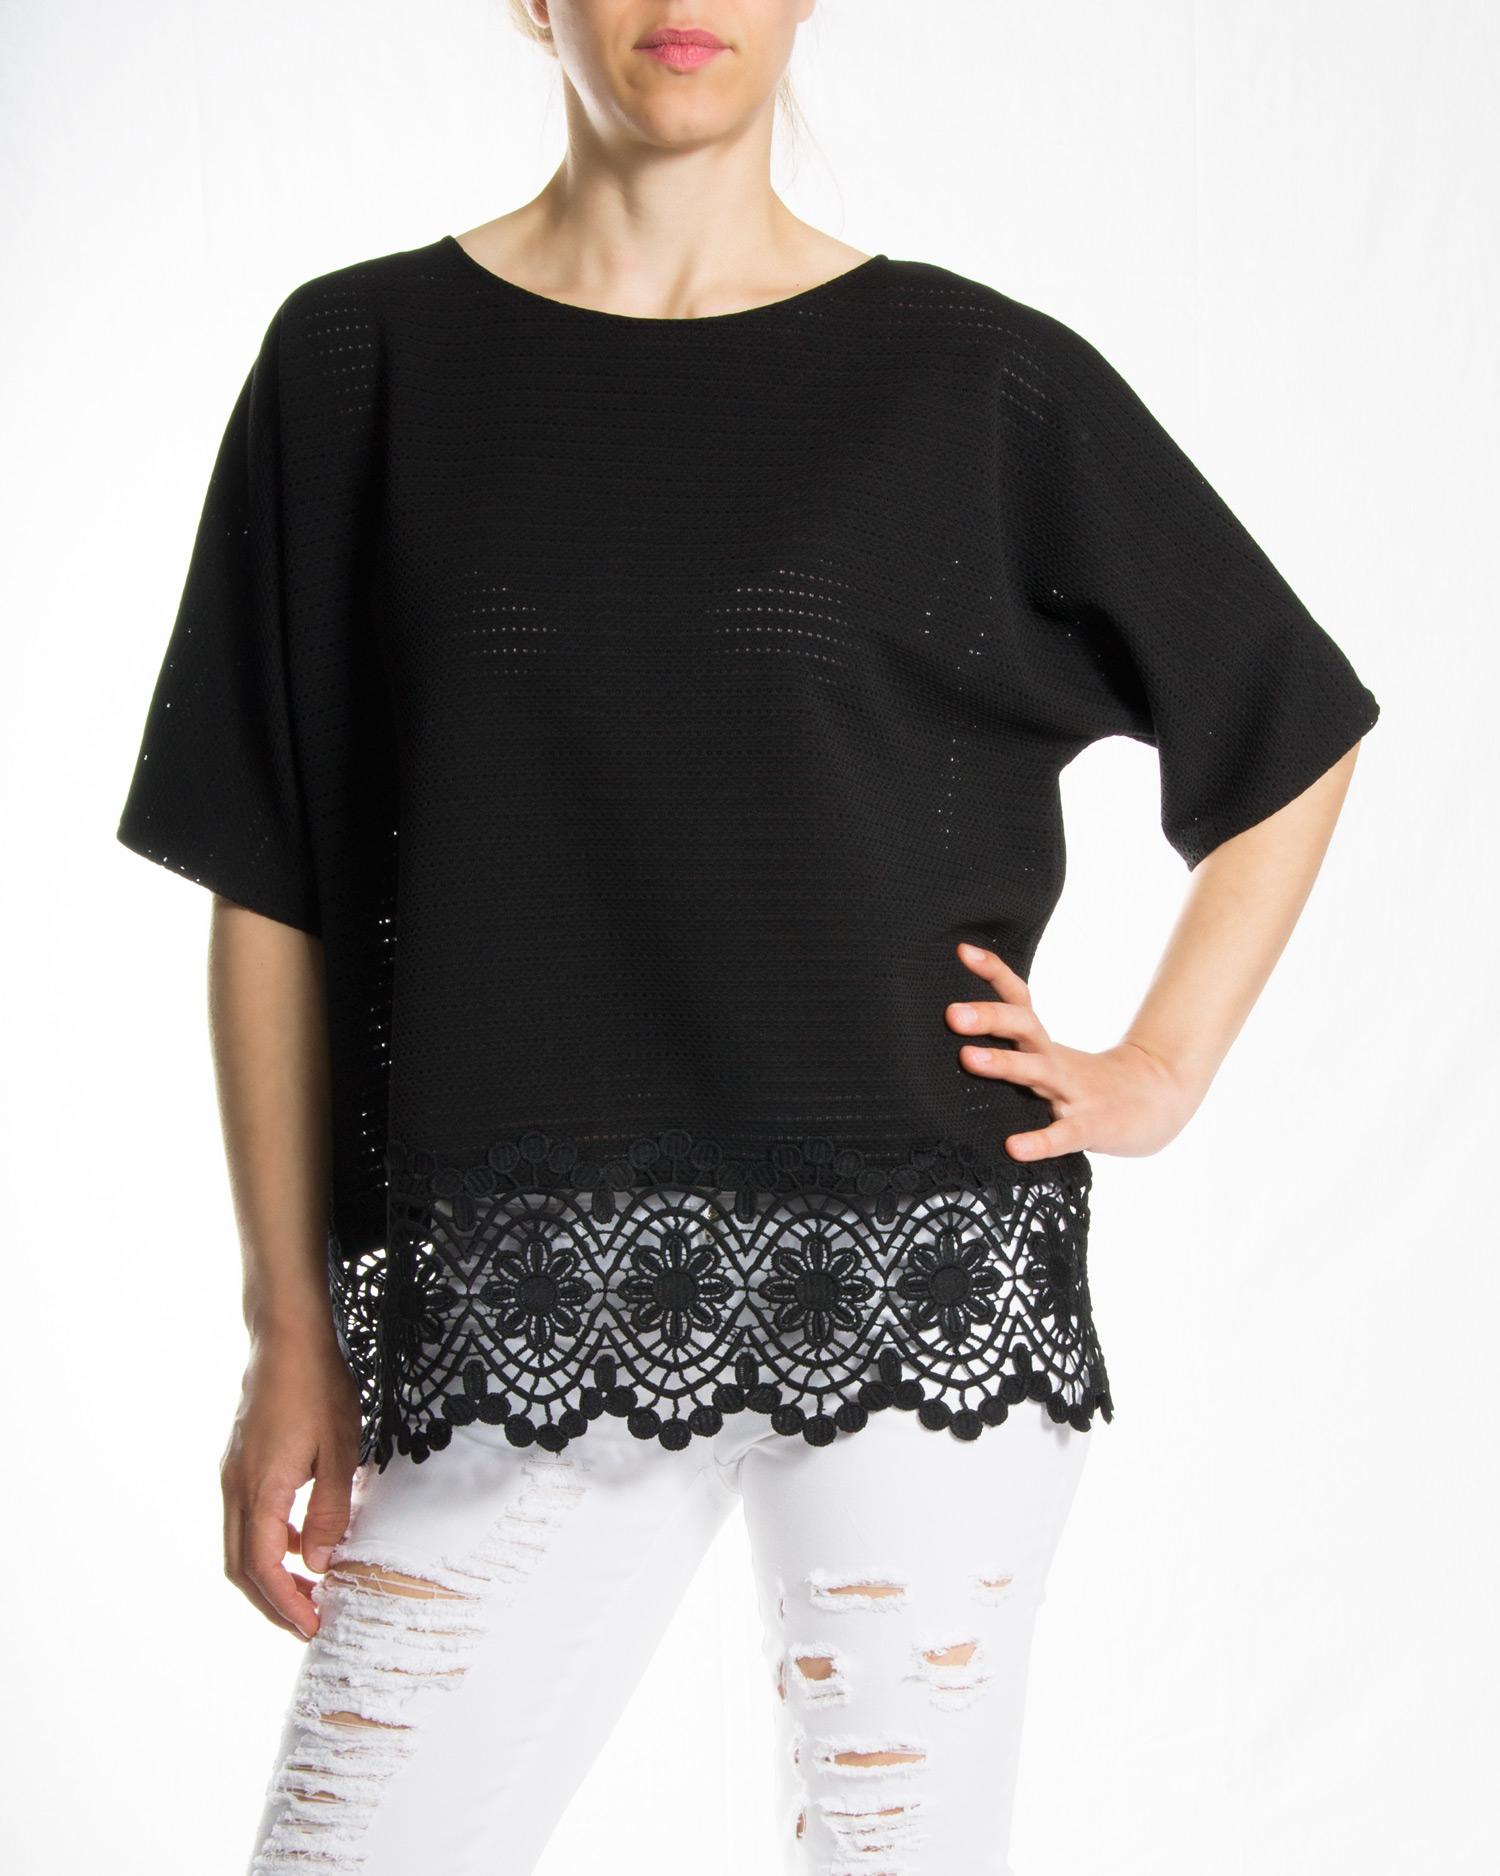 364e4ab5f2fe Μπλούζα με δαντέλα – Pick Store